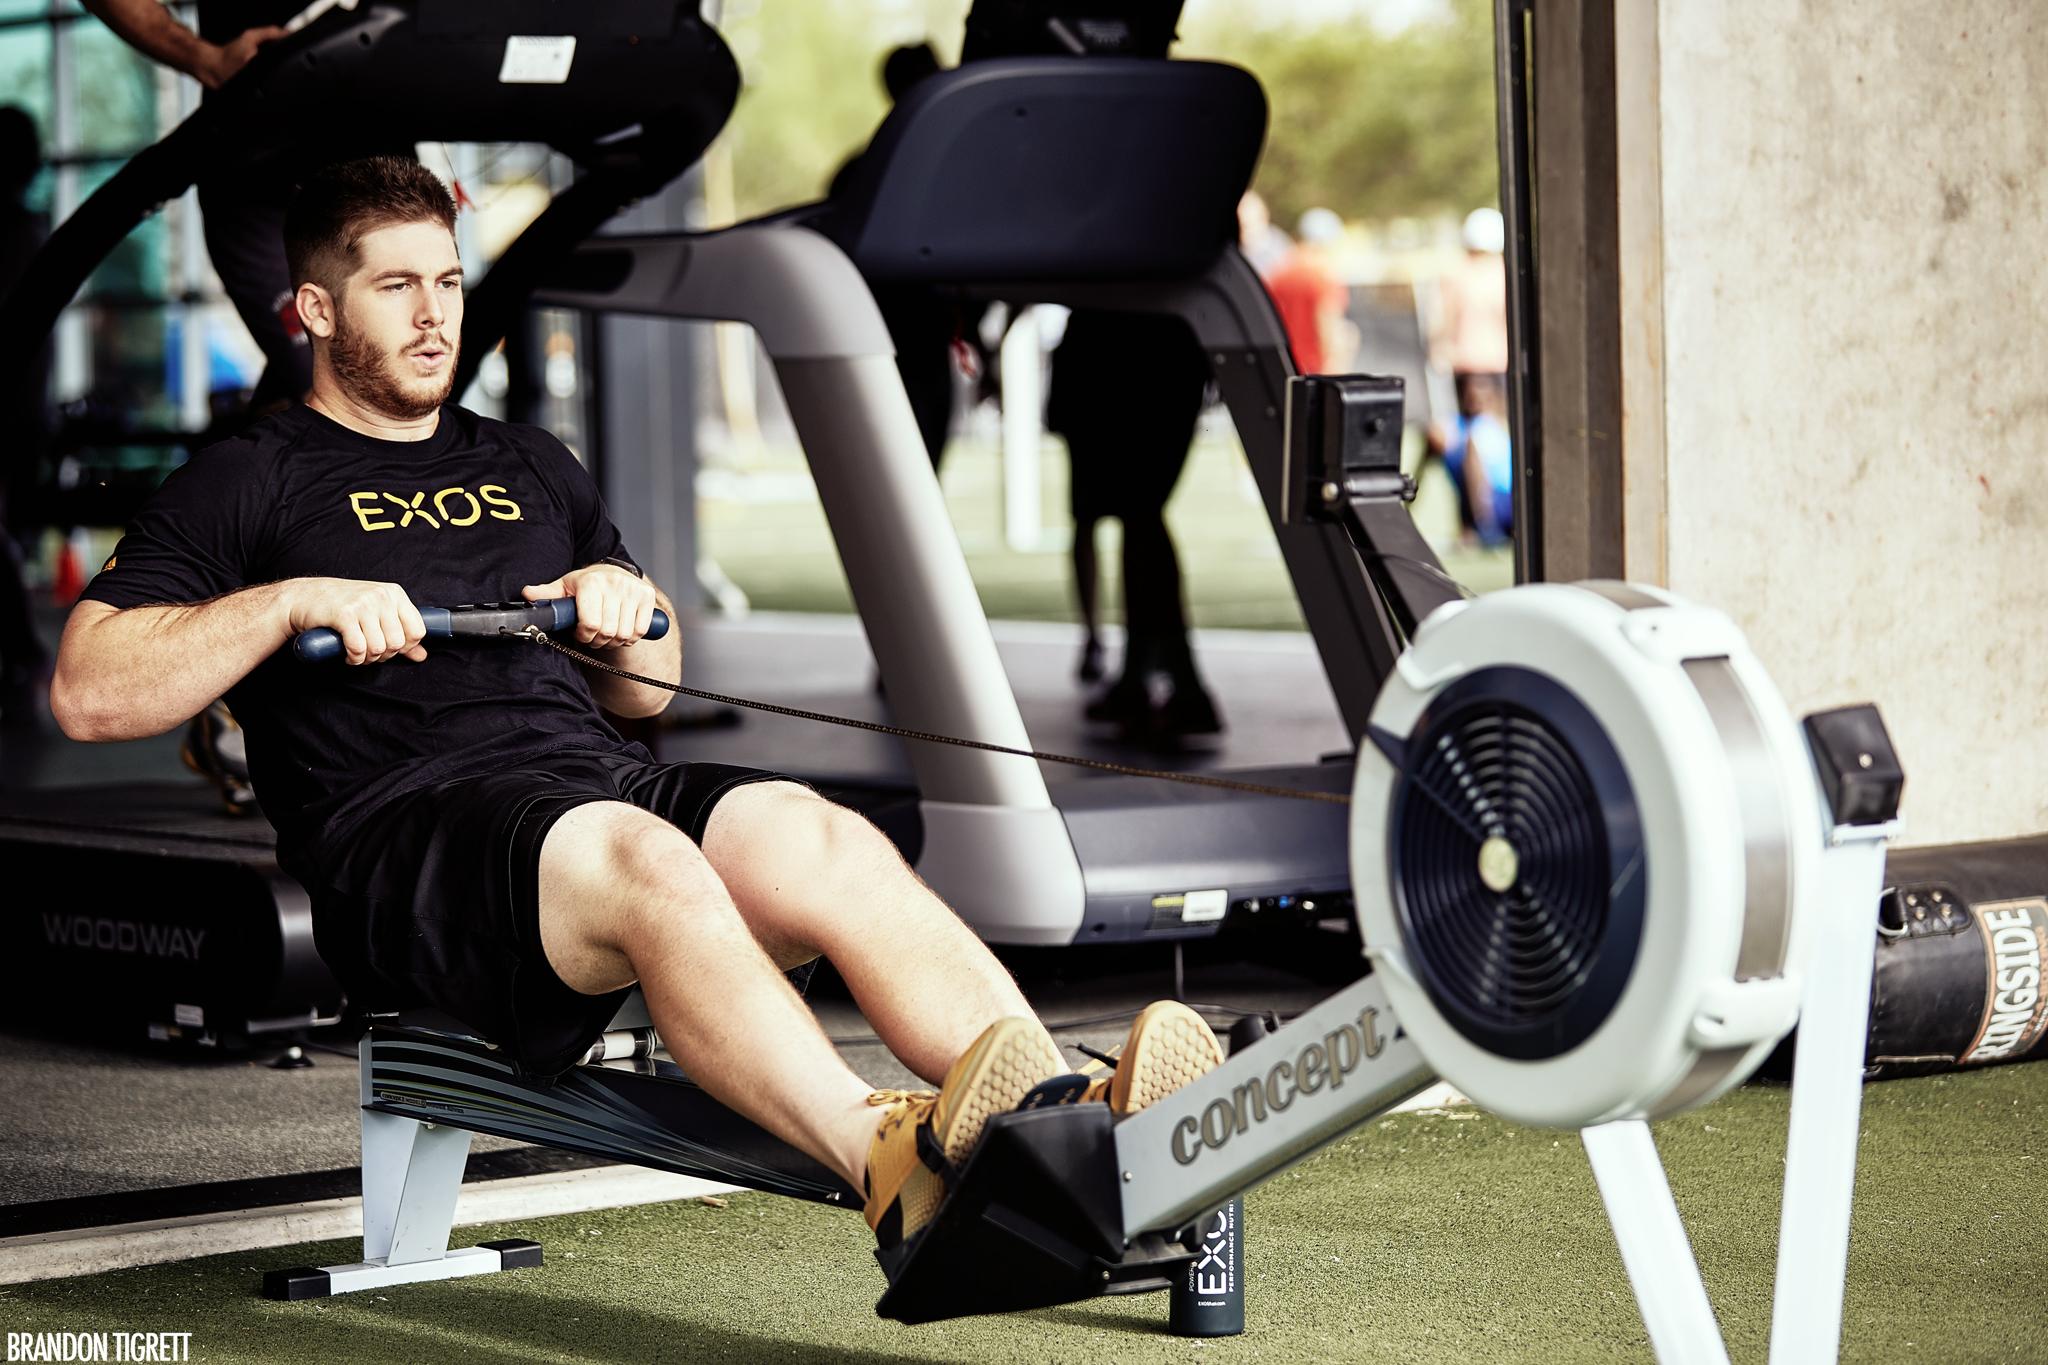 EXOS - NFL Combine - Athlete Rower